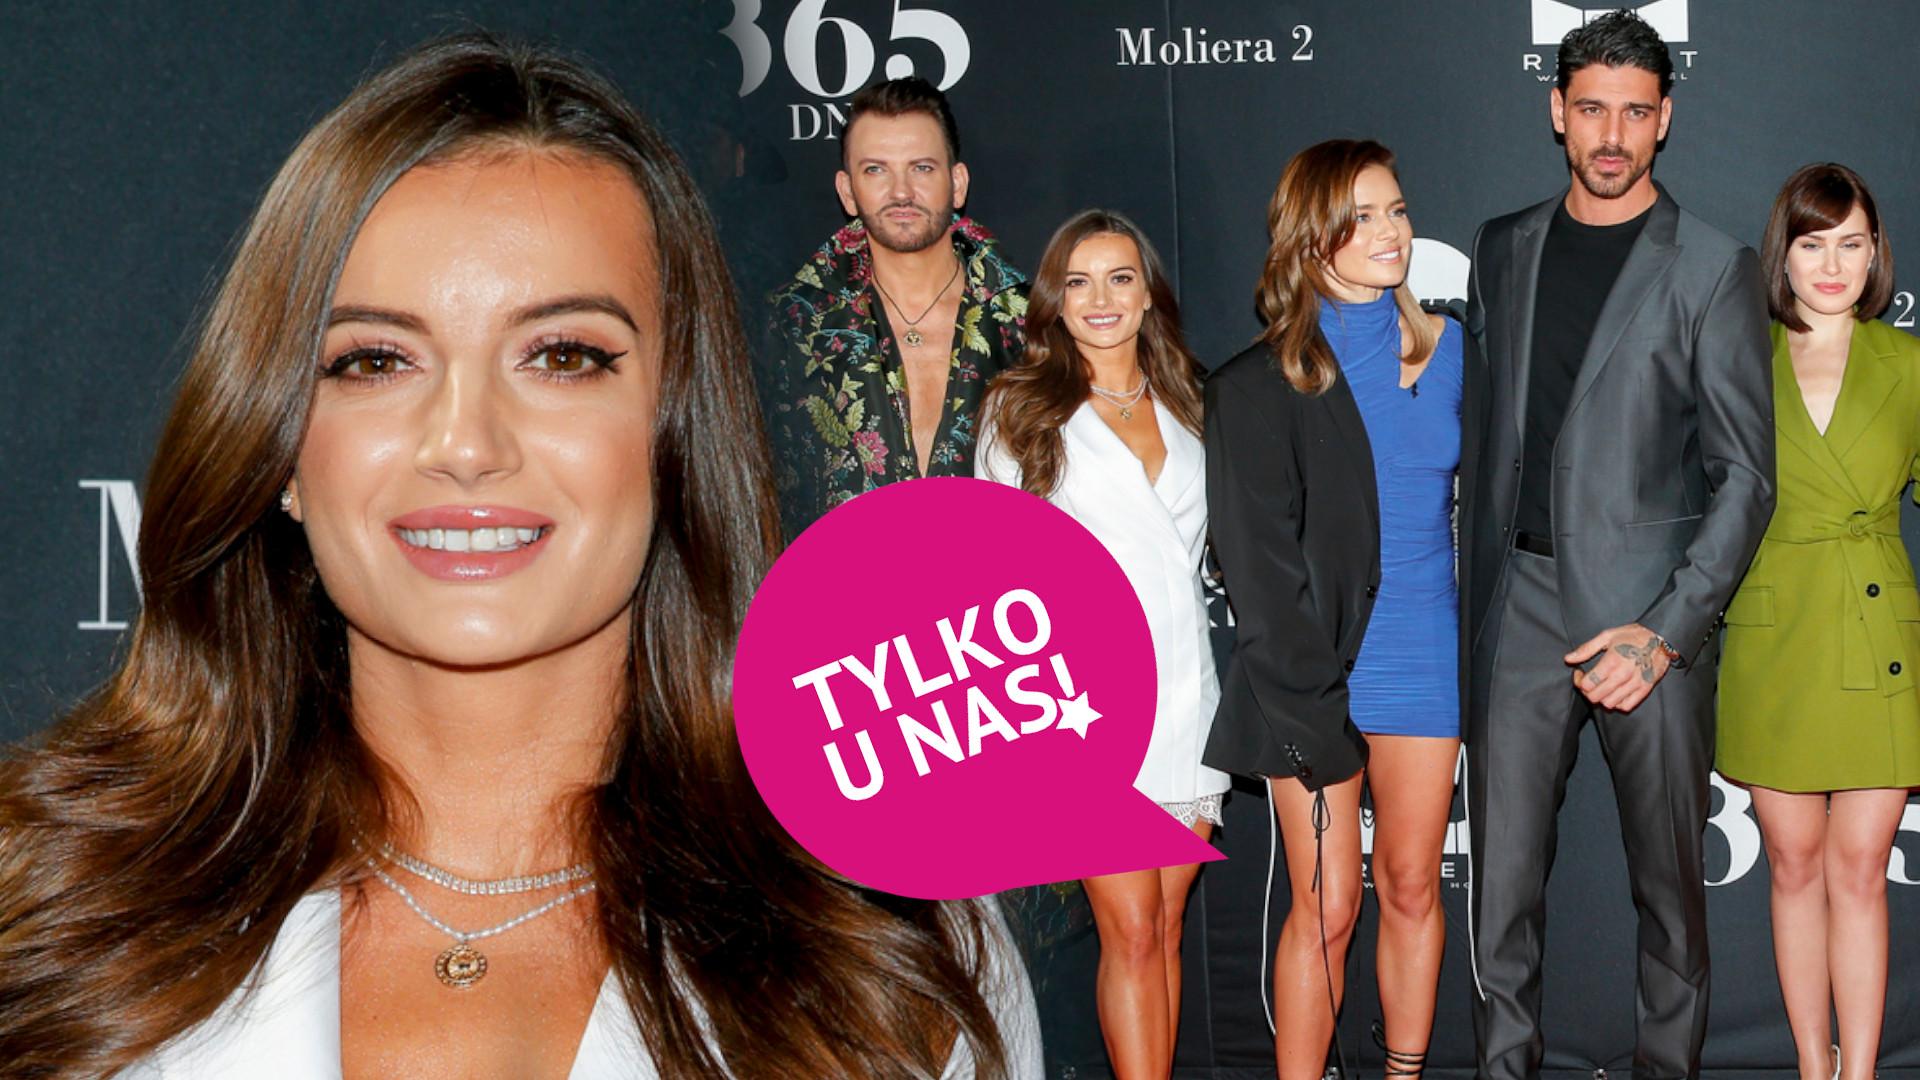 Natalia Janoszek o pracy z Blanką Lipińską na planie 365 dni. Jest bardzo wymagająca!